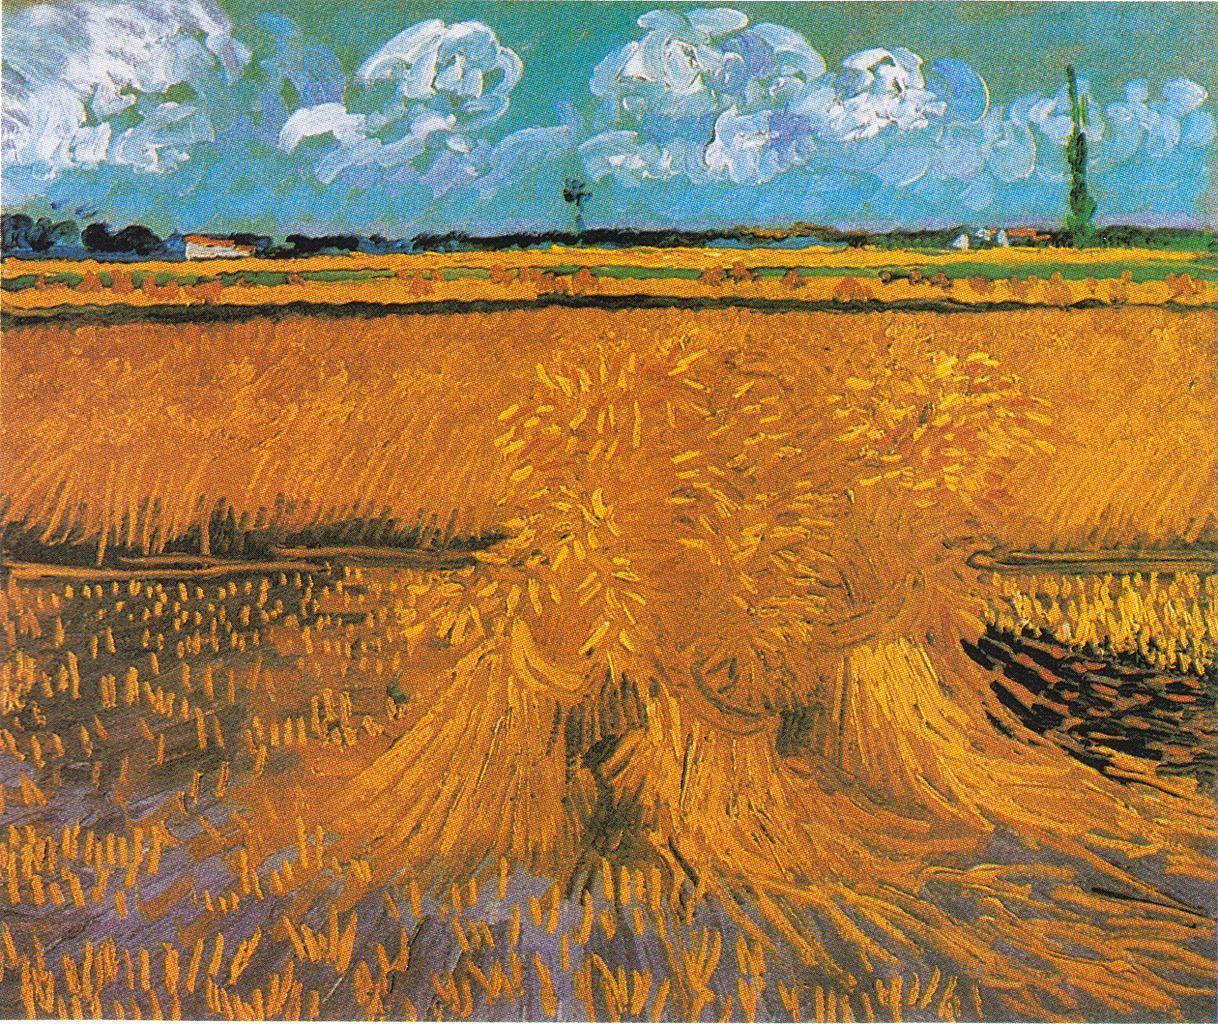 风景油画_麦田与麦束_Wheat Field with Sheaves-文森特·梵高